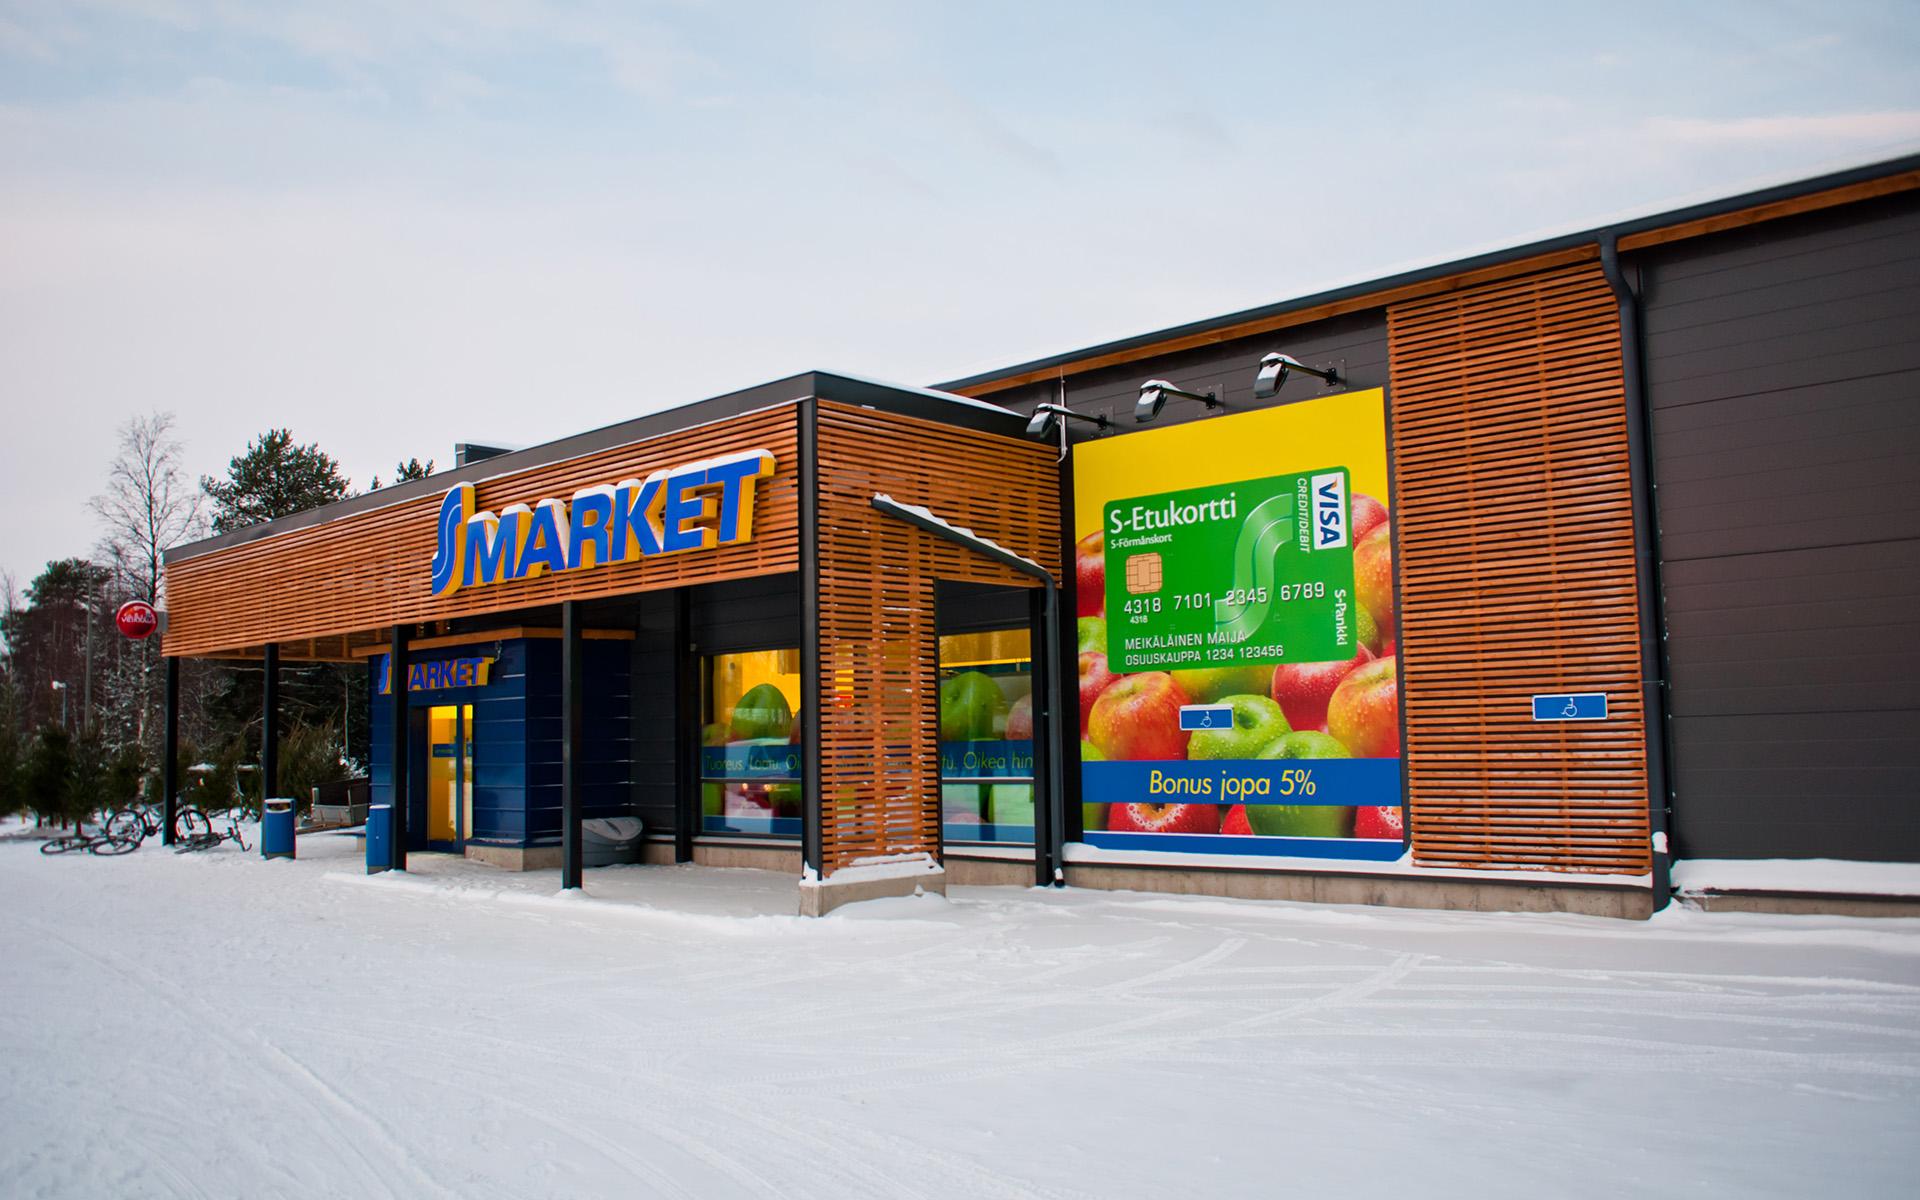 k market töihin Vaasa